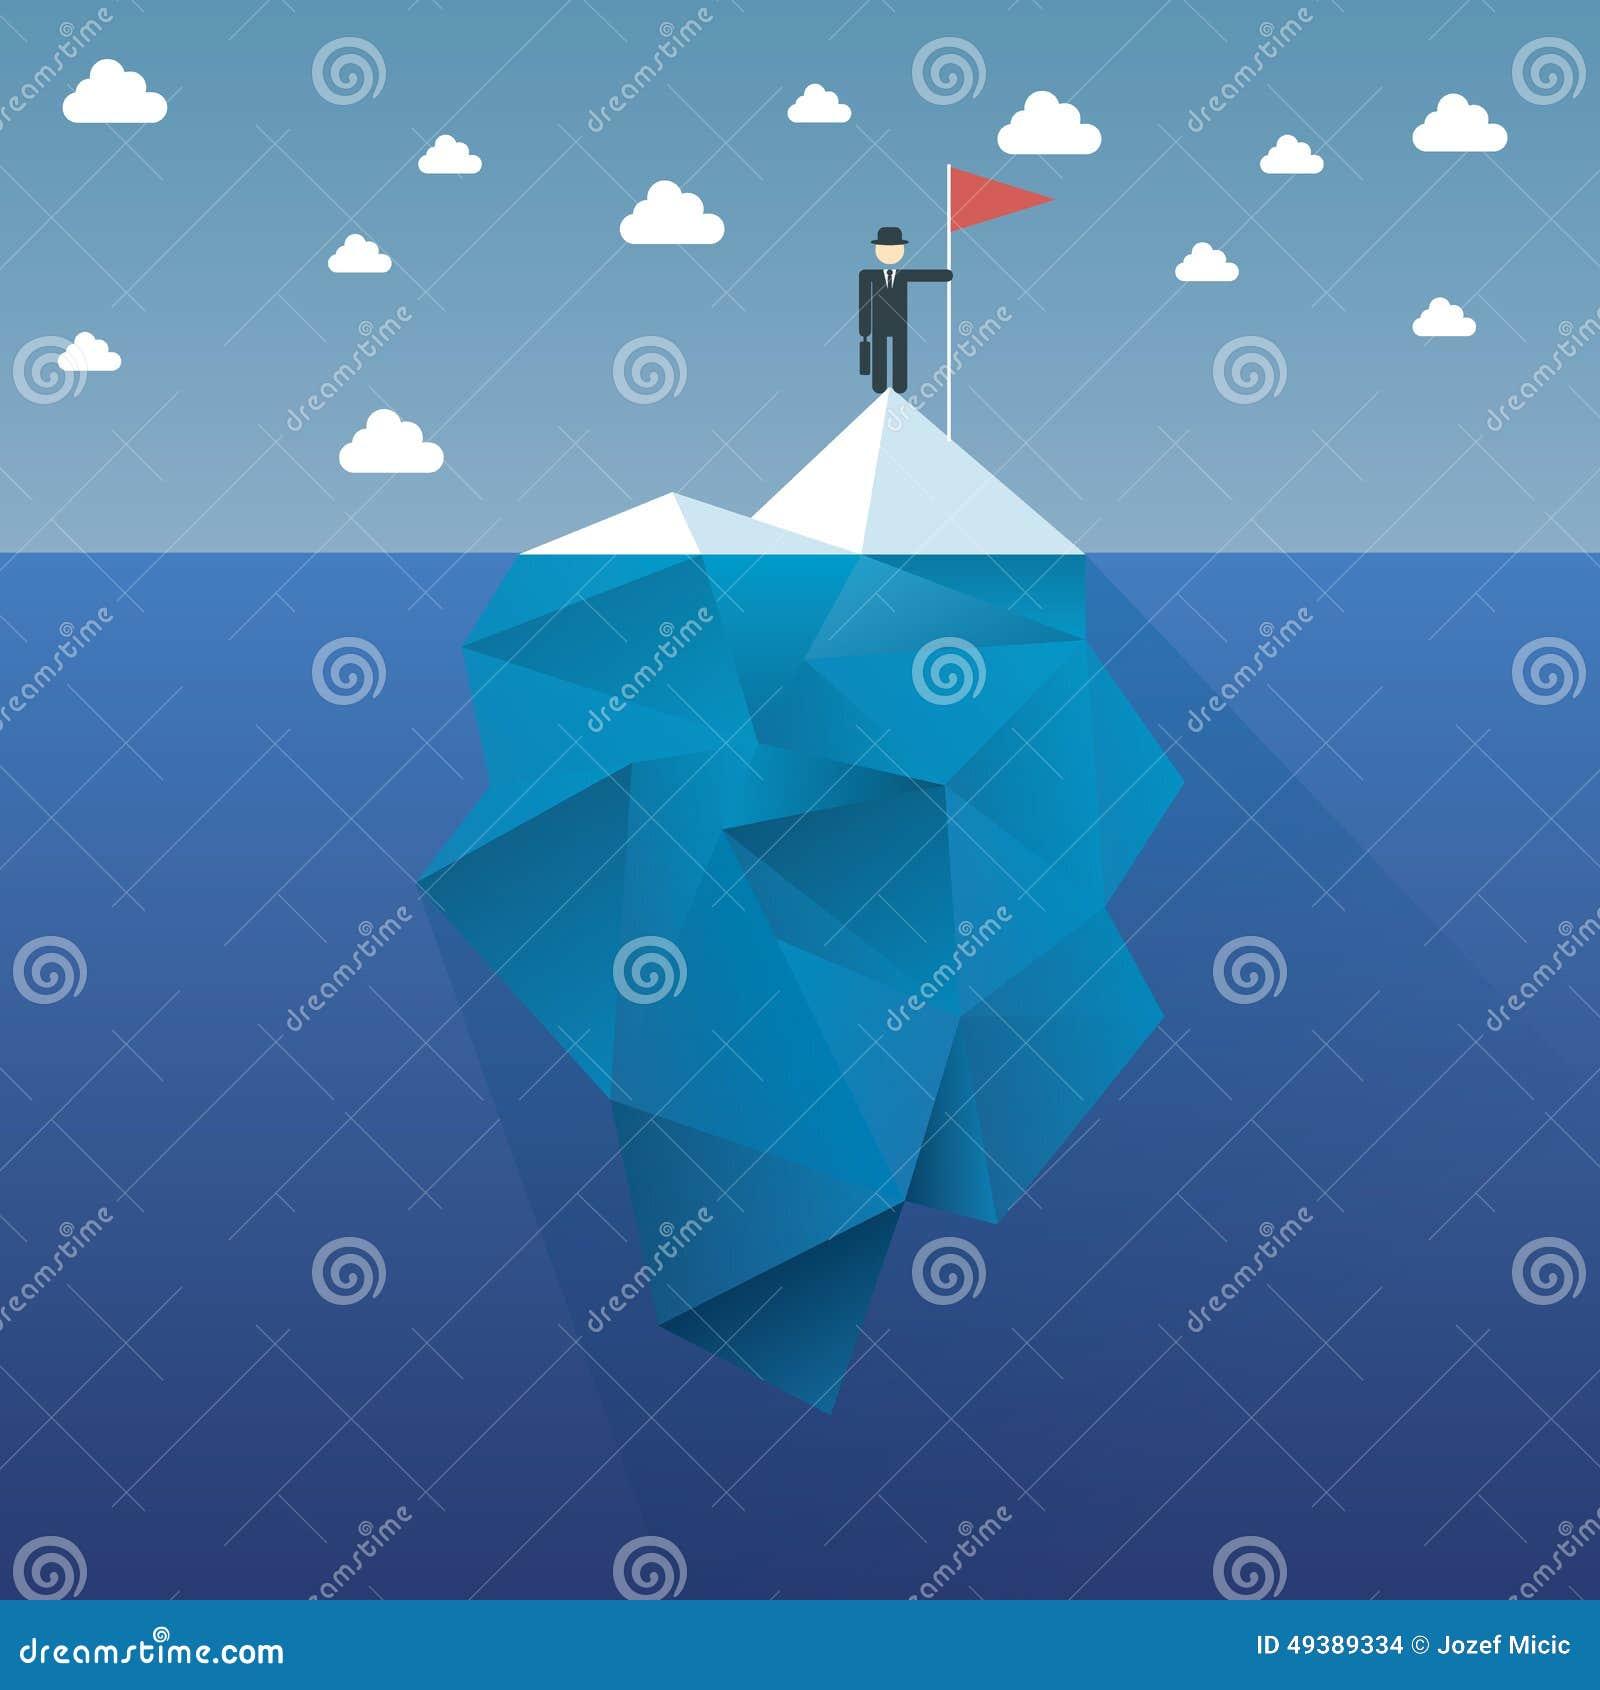 Diseño del vector del concepto del iceberg del polígono con